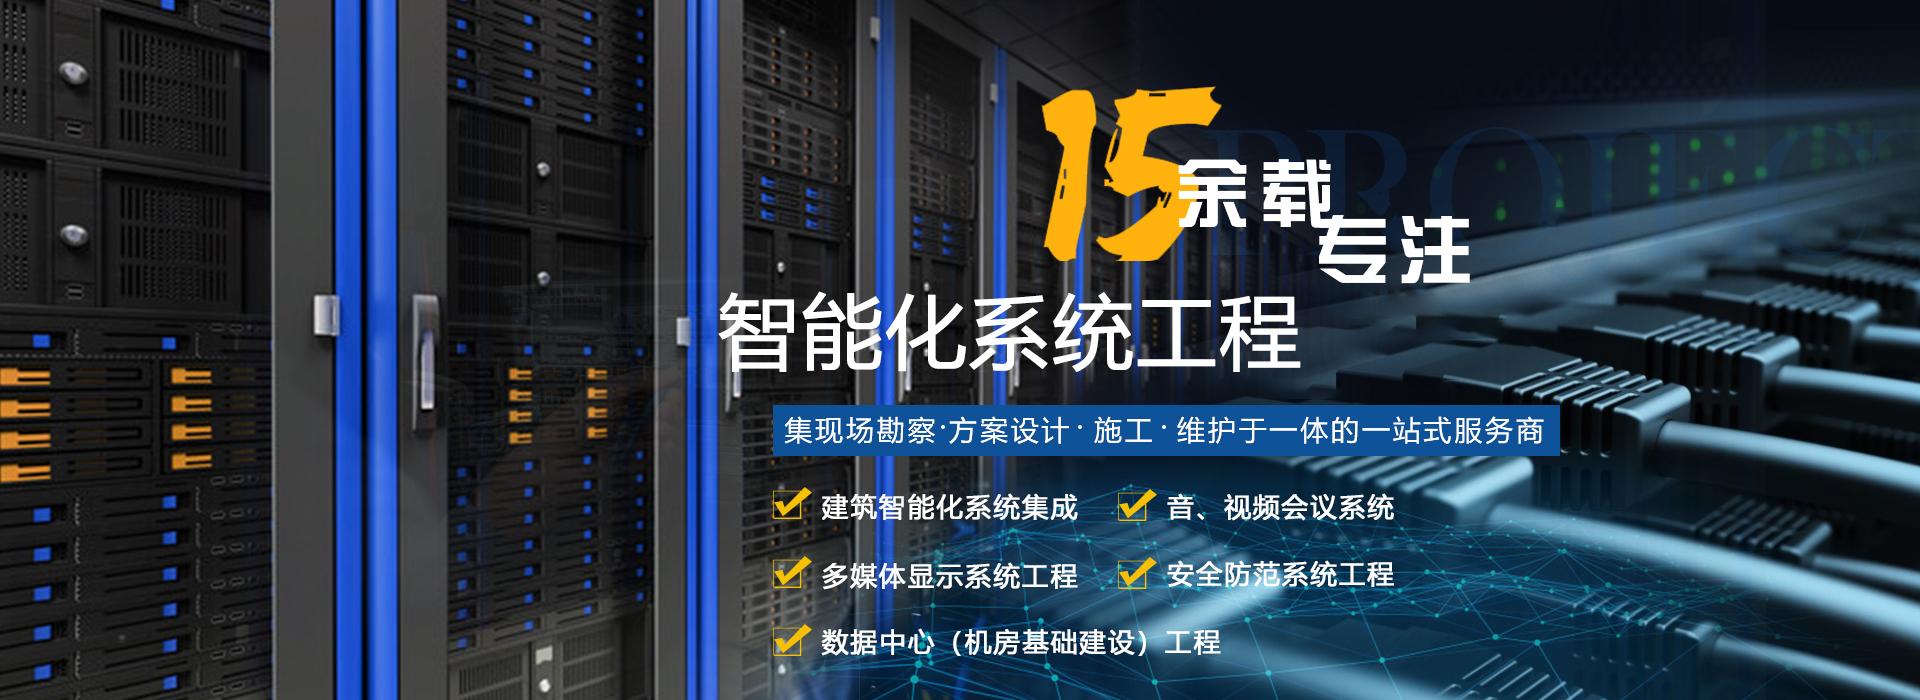 协和林 15年专注智能化系统工程